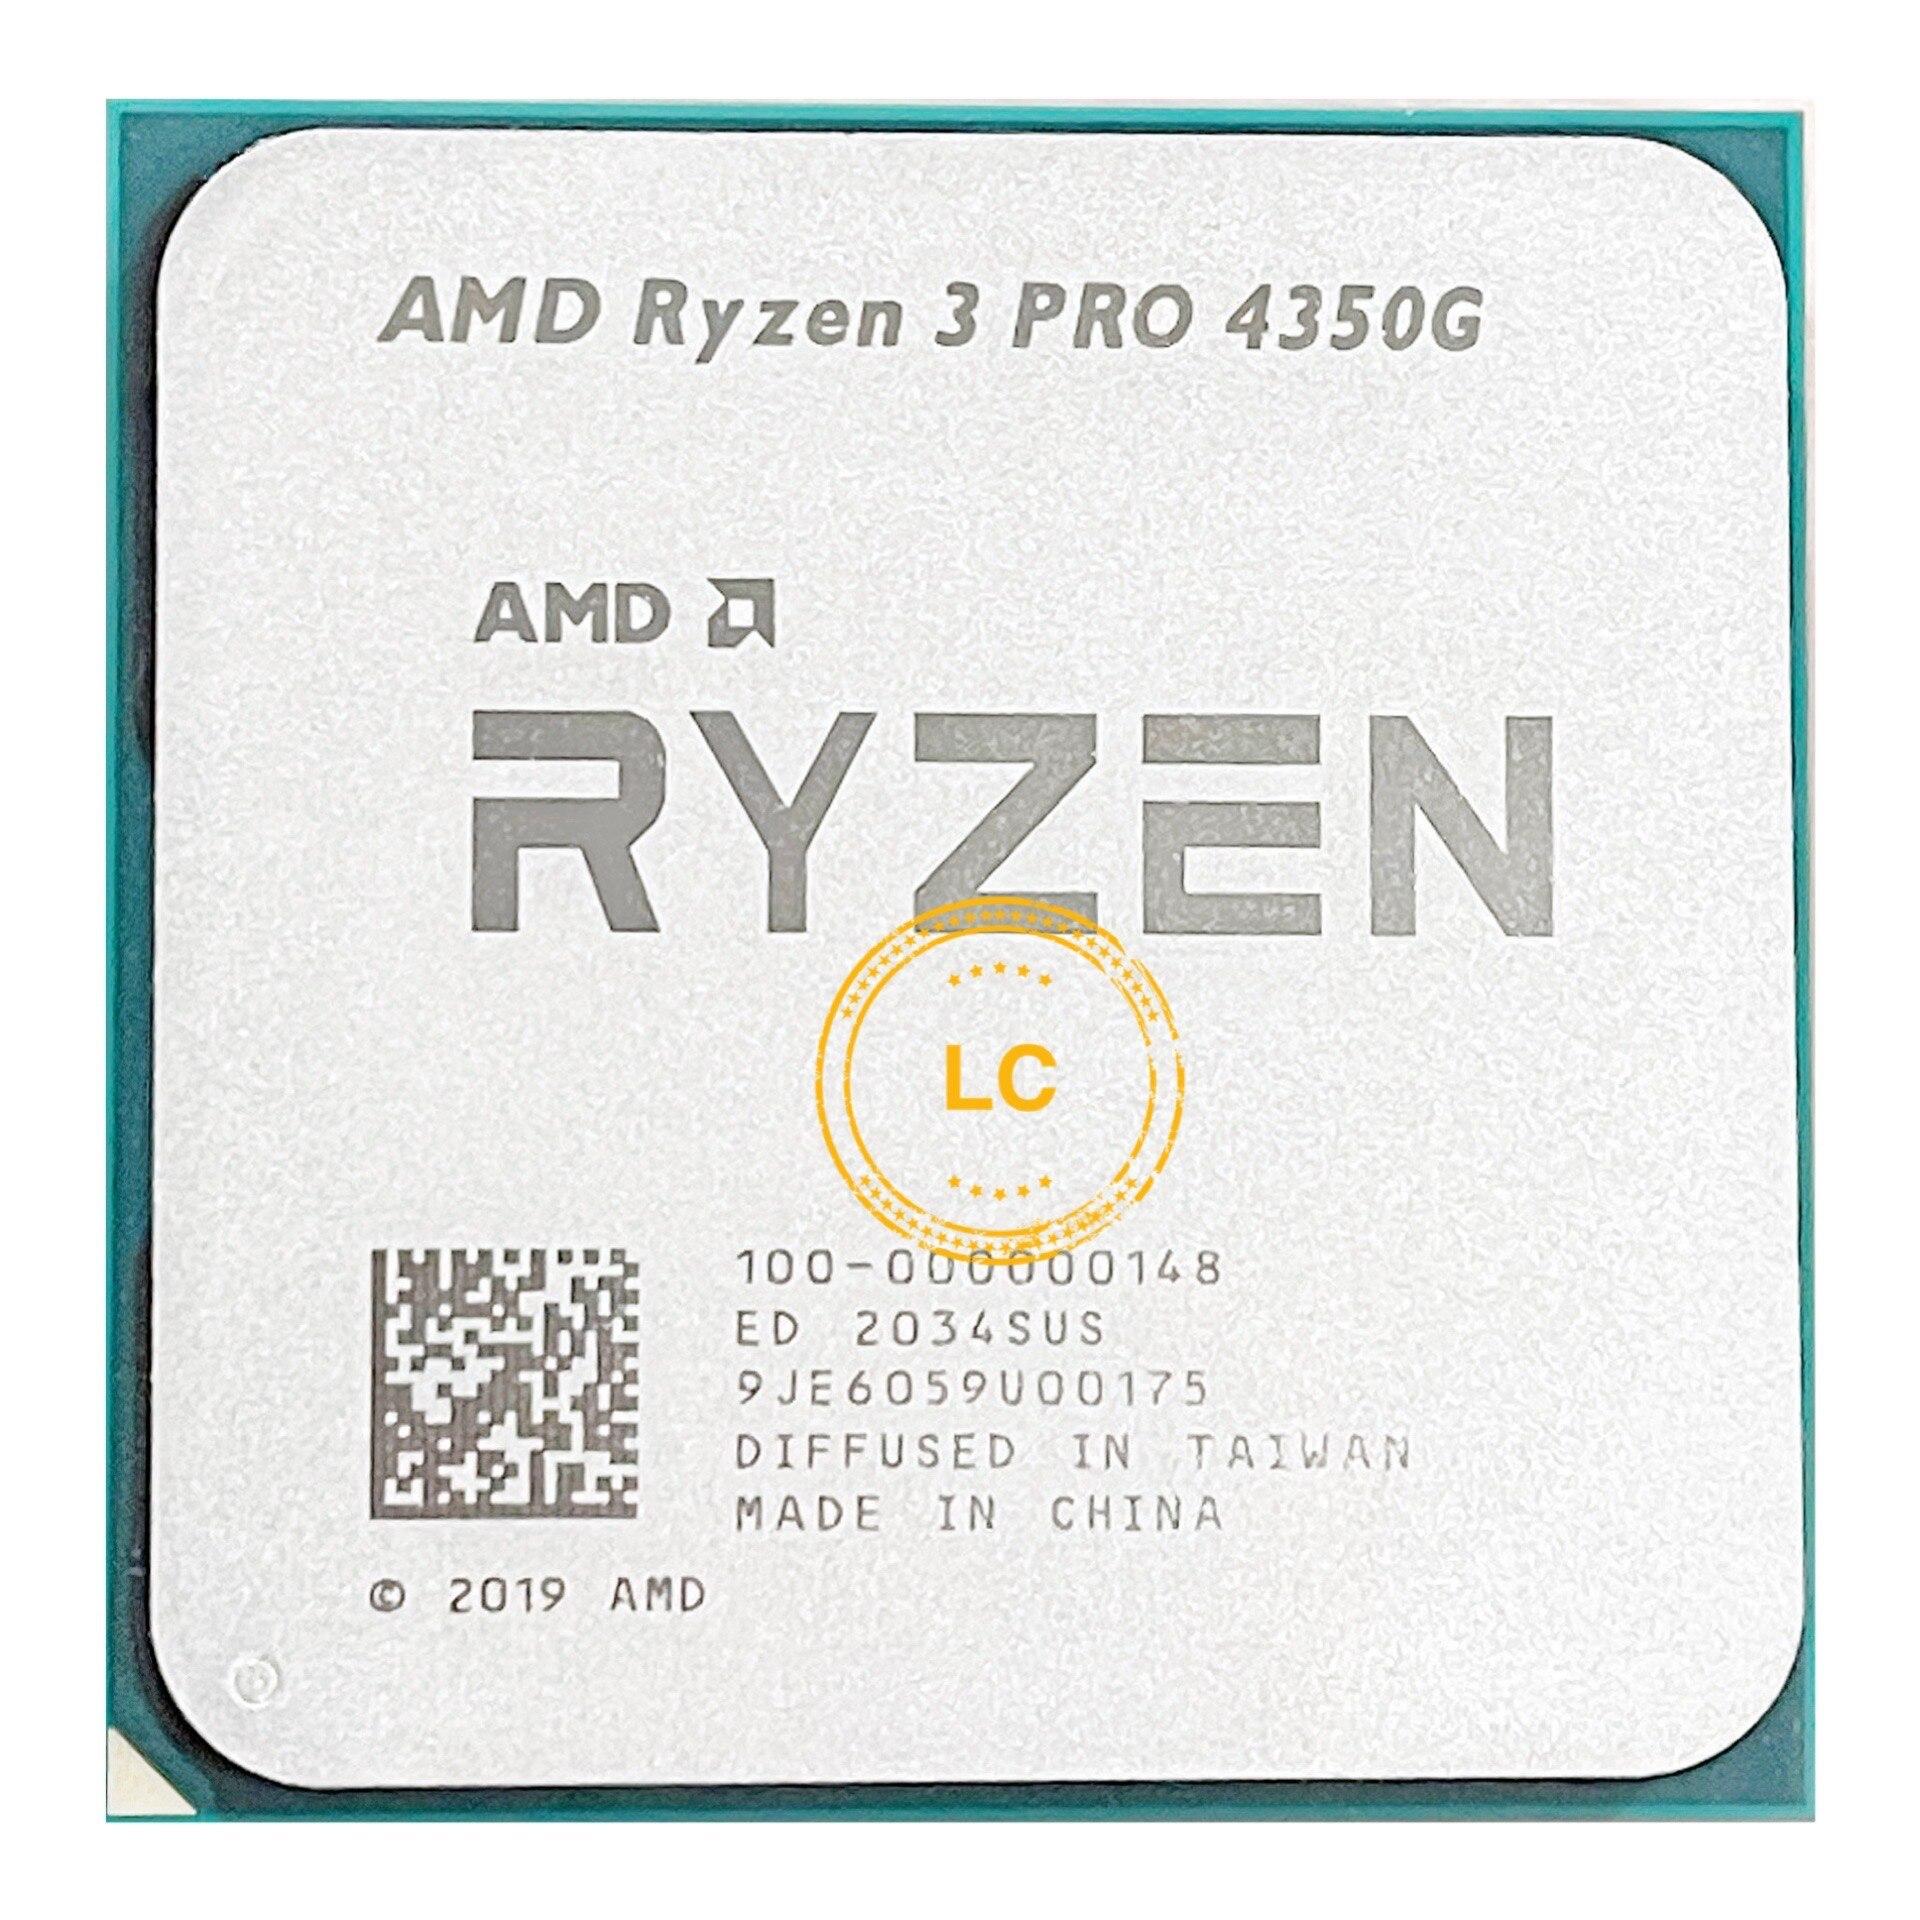 [해외] AMD Ryzen 3 PRO 4350G R3 PRO 4350G 3.8GHz 4 코어 8 스레드 65W CPU 프로세서 L3 = 4M 100-000000148 소켓 AM4, 라이젠